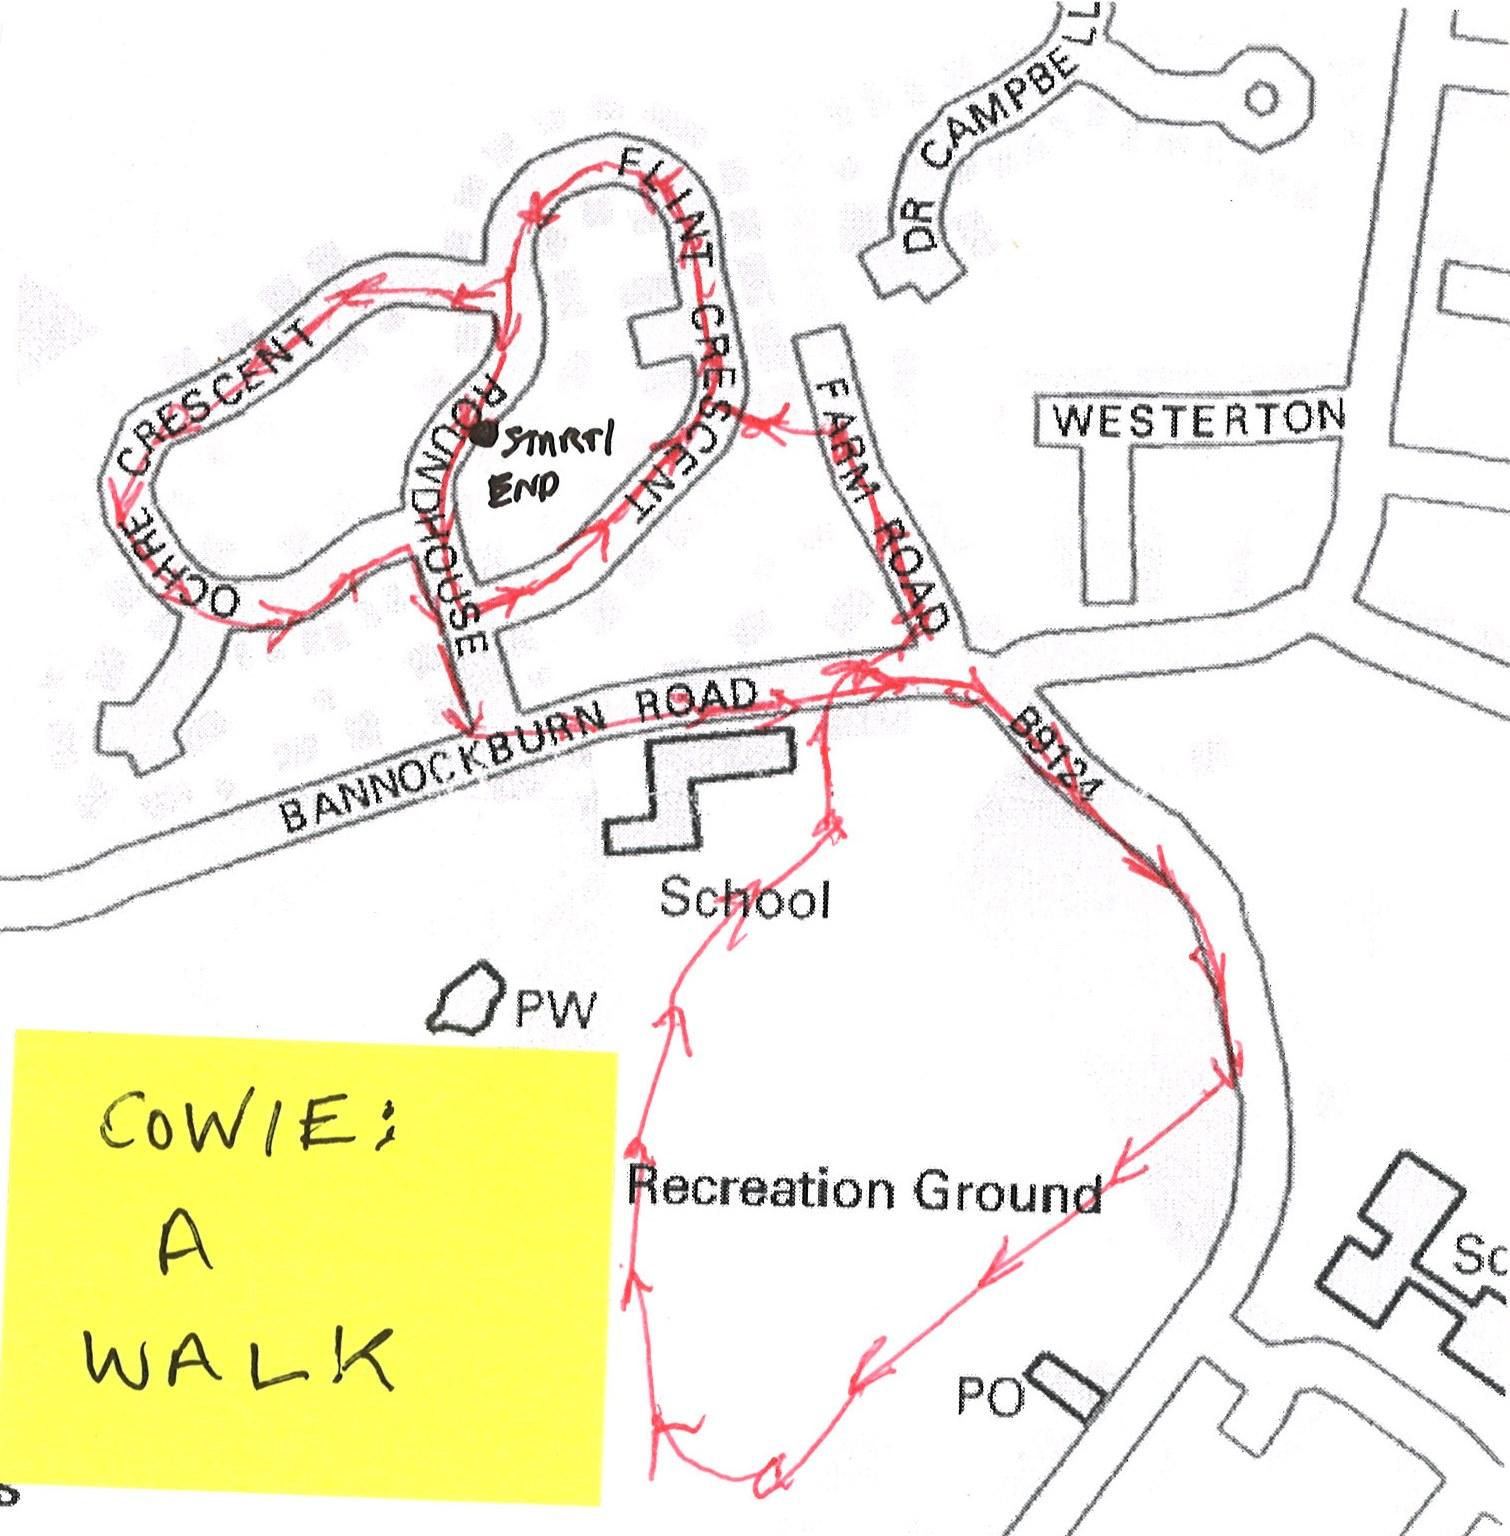 Cowie a walk map